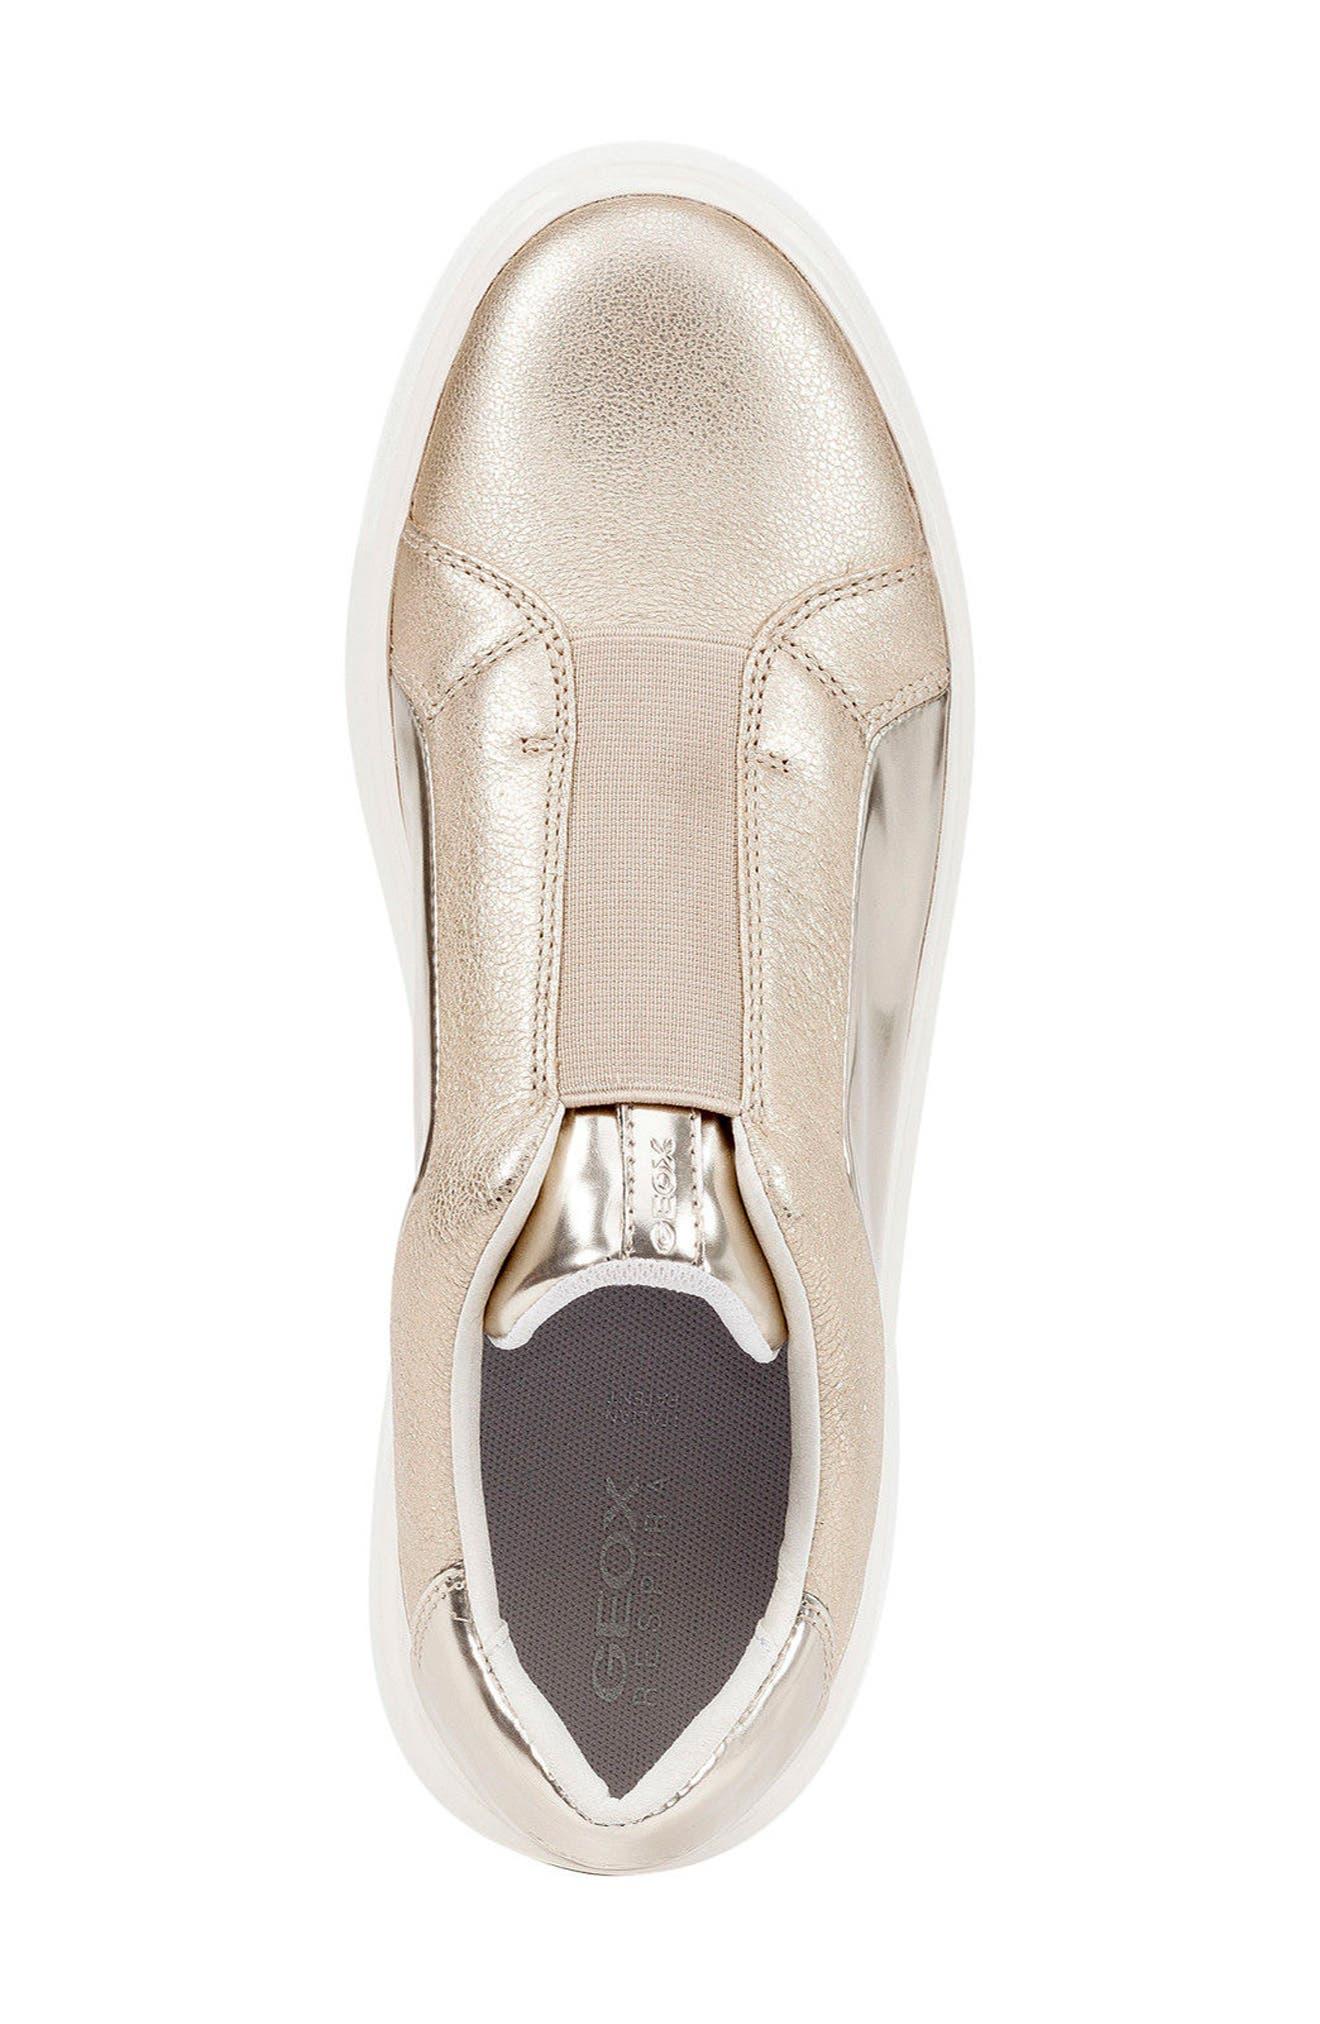 Nhenbus Slip-On Sneaker,                             Alternate thumbnail 8, color,